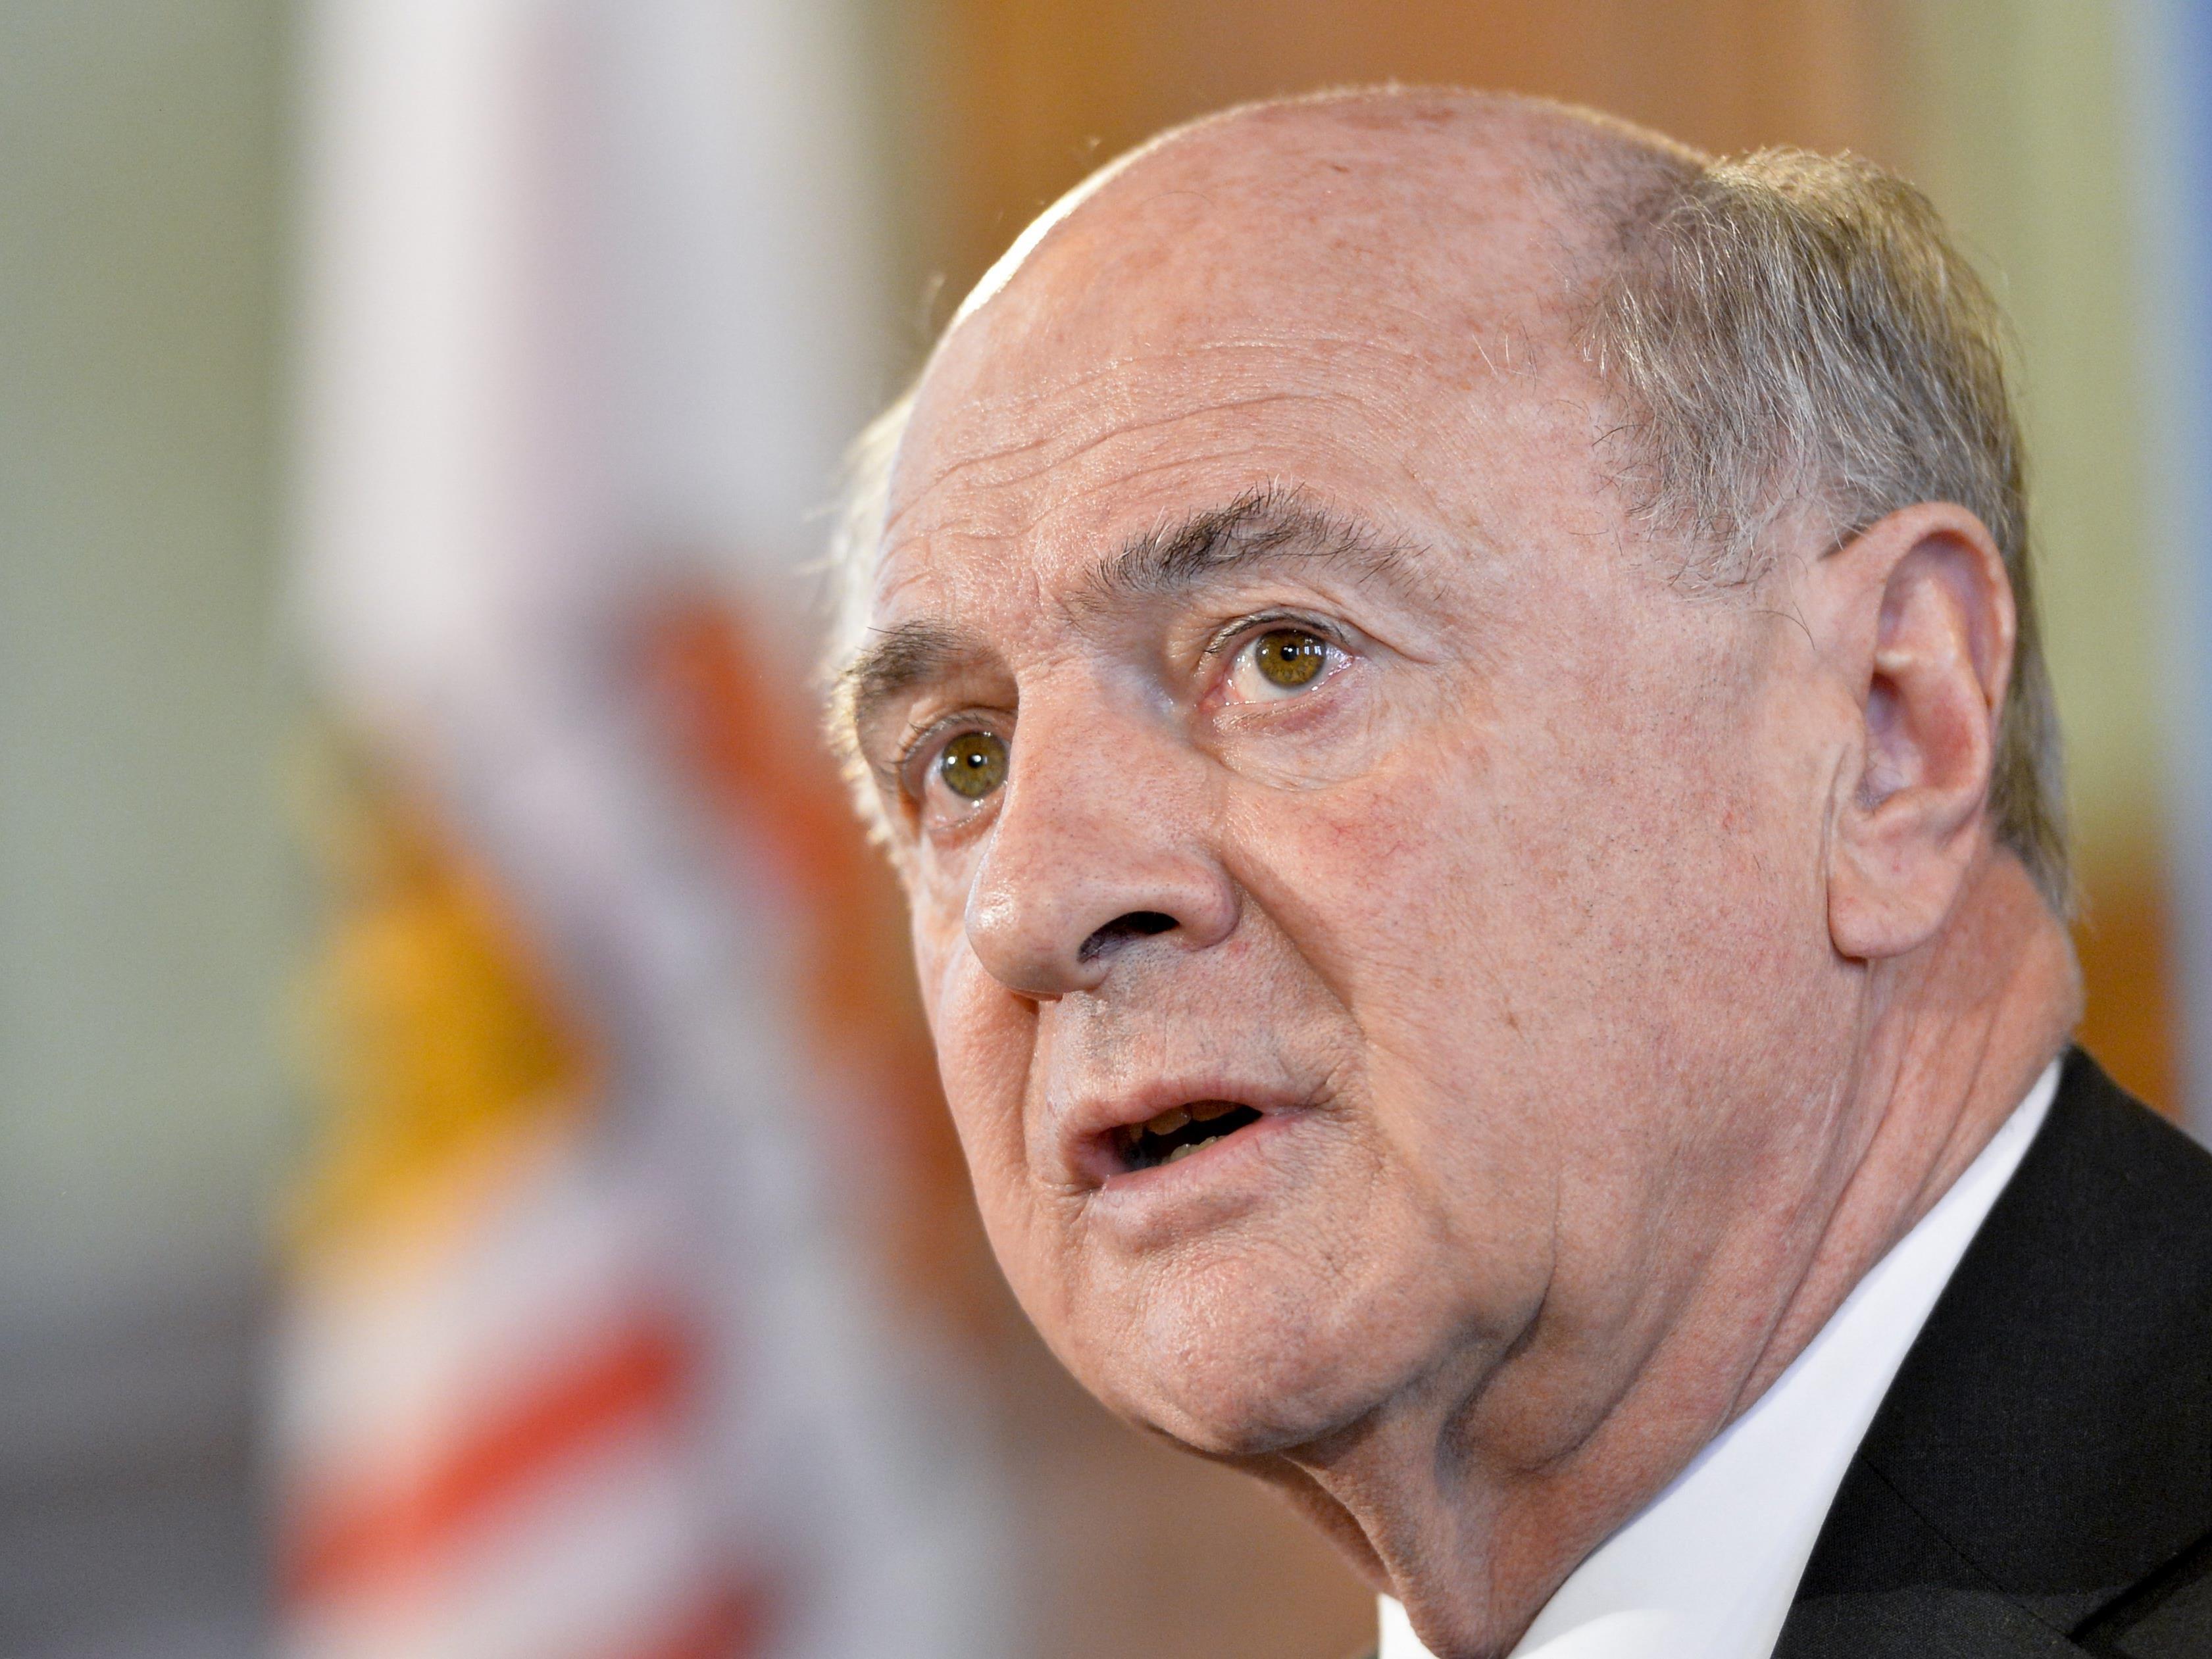 Erwin Pröll nimmt an der Wahl des Bundespräsidenten nicht teil